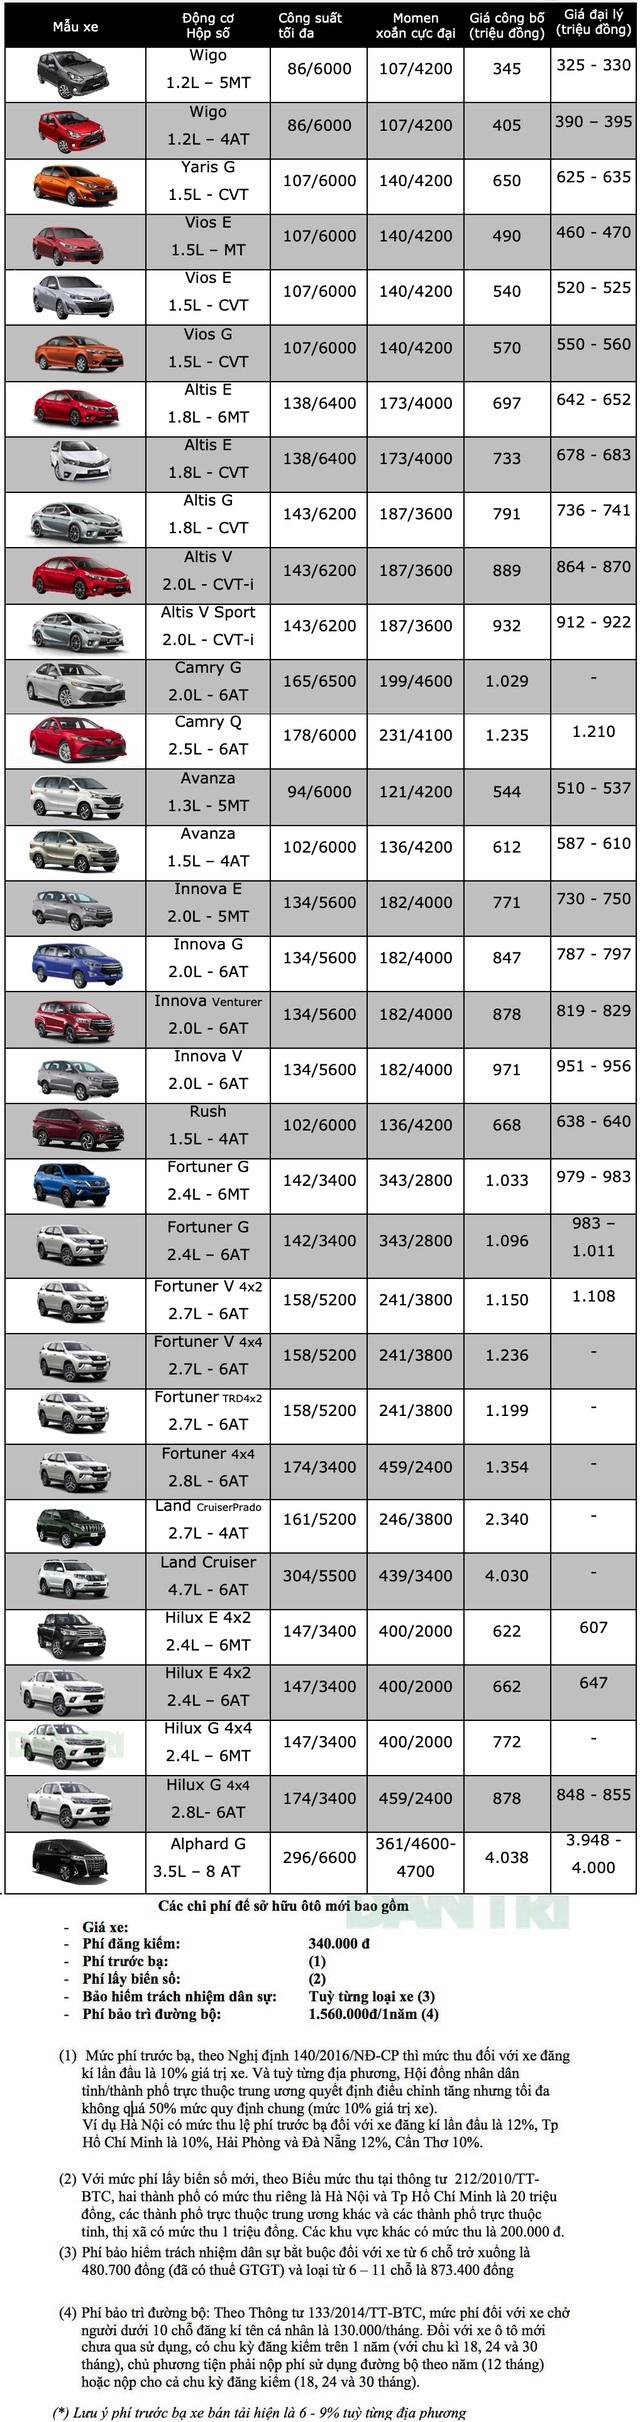 Bảng giá Toyota tháng 6/2020 - 1